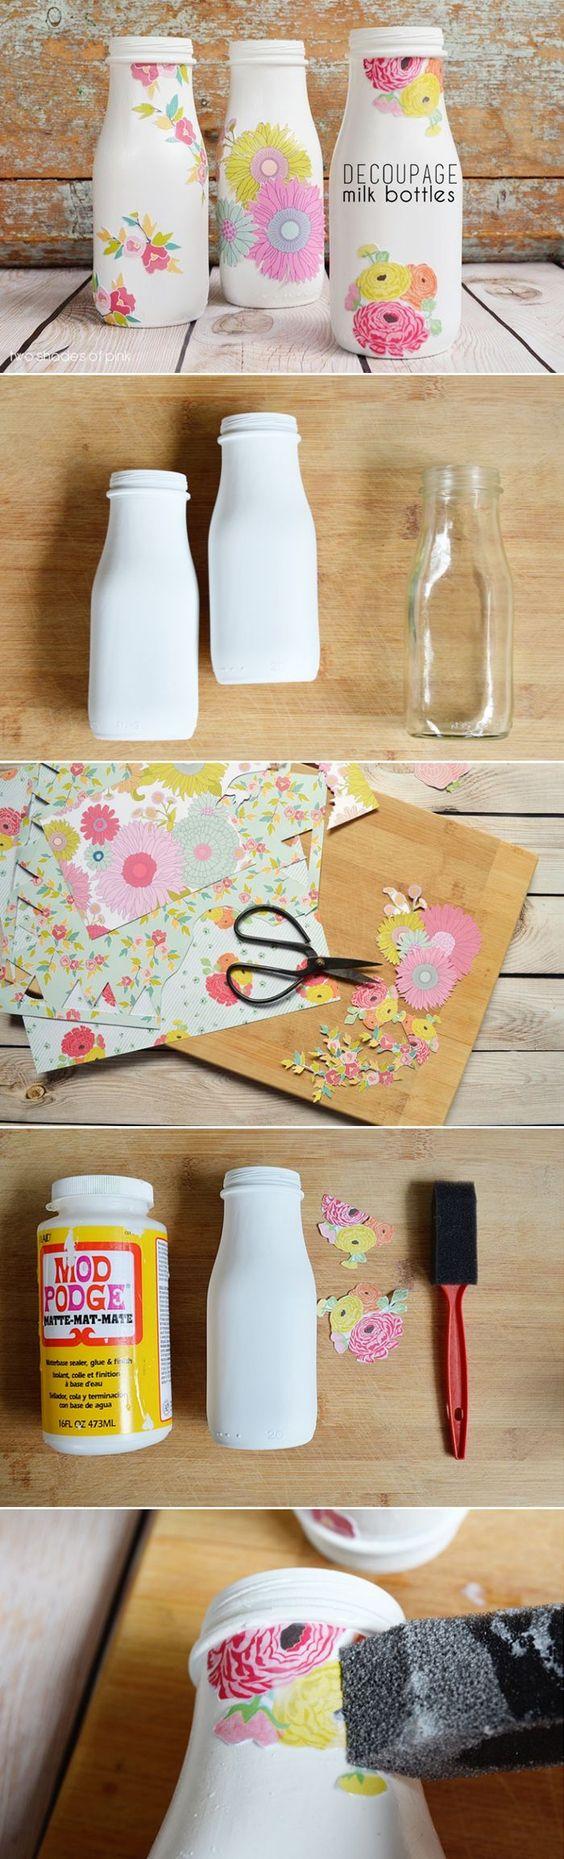 idée de création serviettage decopatch avec des bouteilles à lait, motifs florauc à coller, tutoriel étape par étape, que faire quand on s ennuie